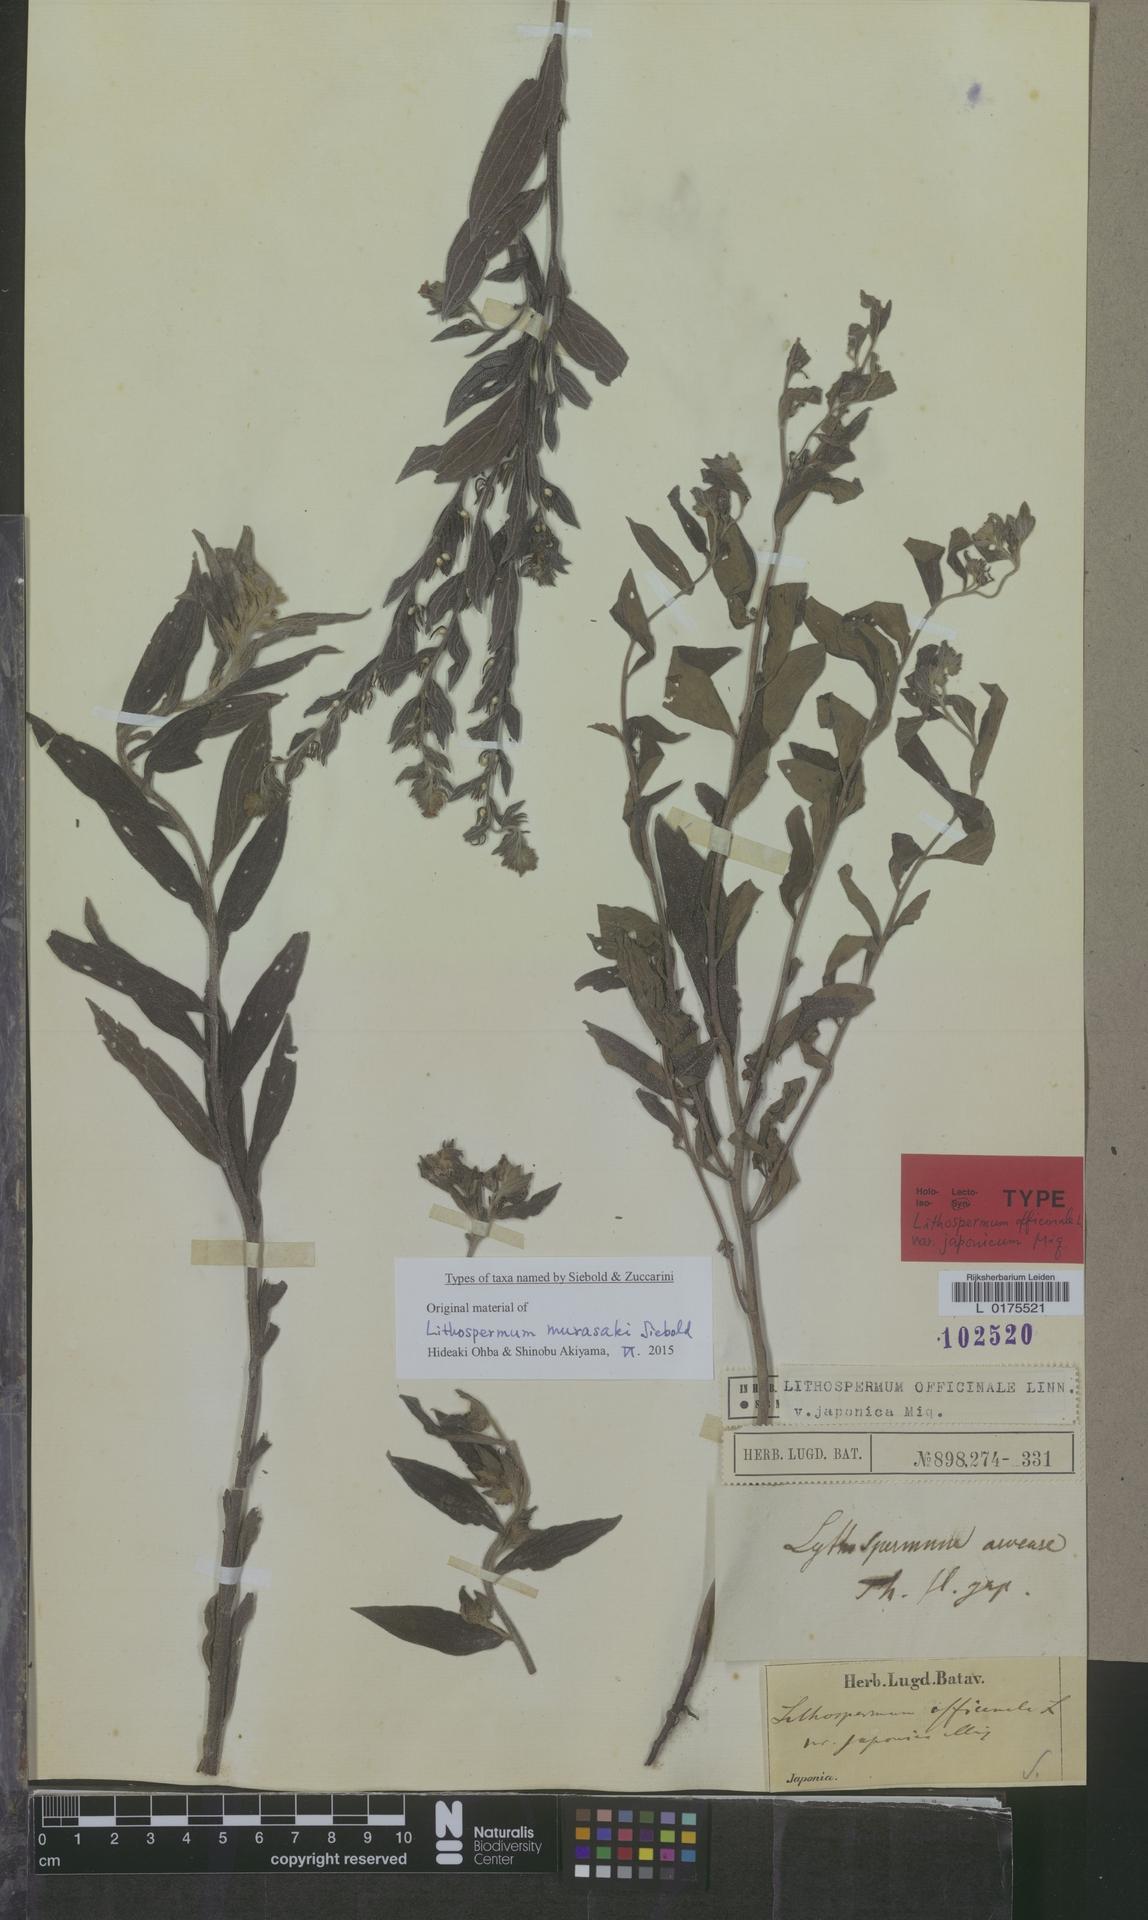 L  0175521 | Lithospermum officinale var. japonica Miq.